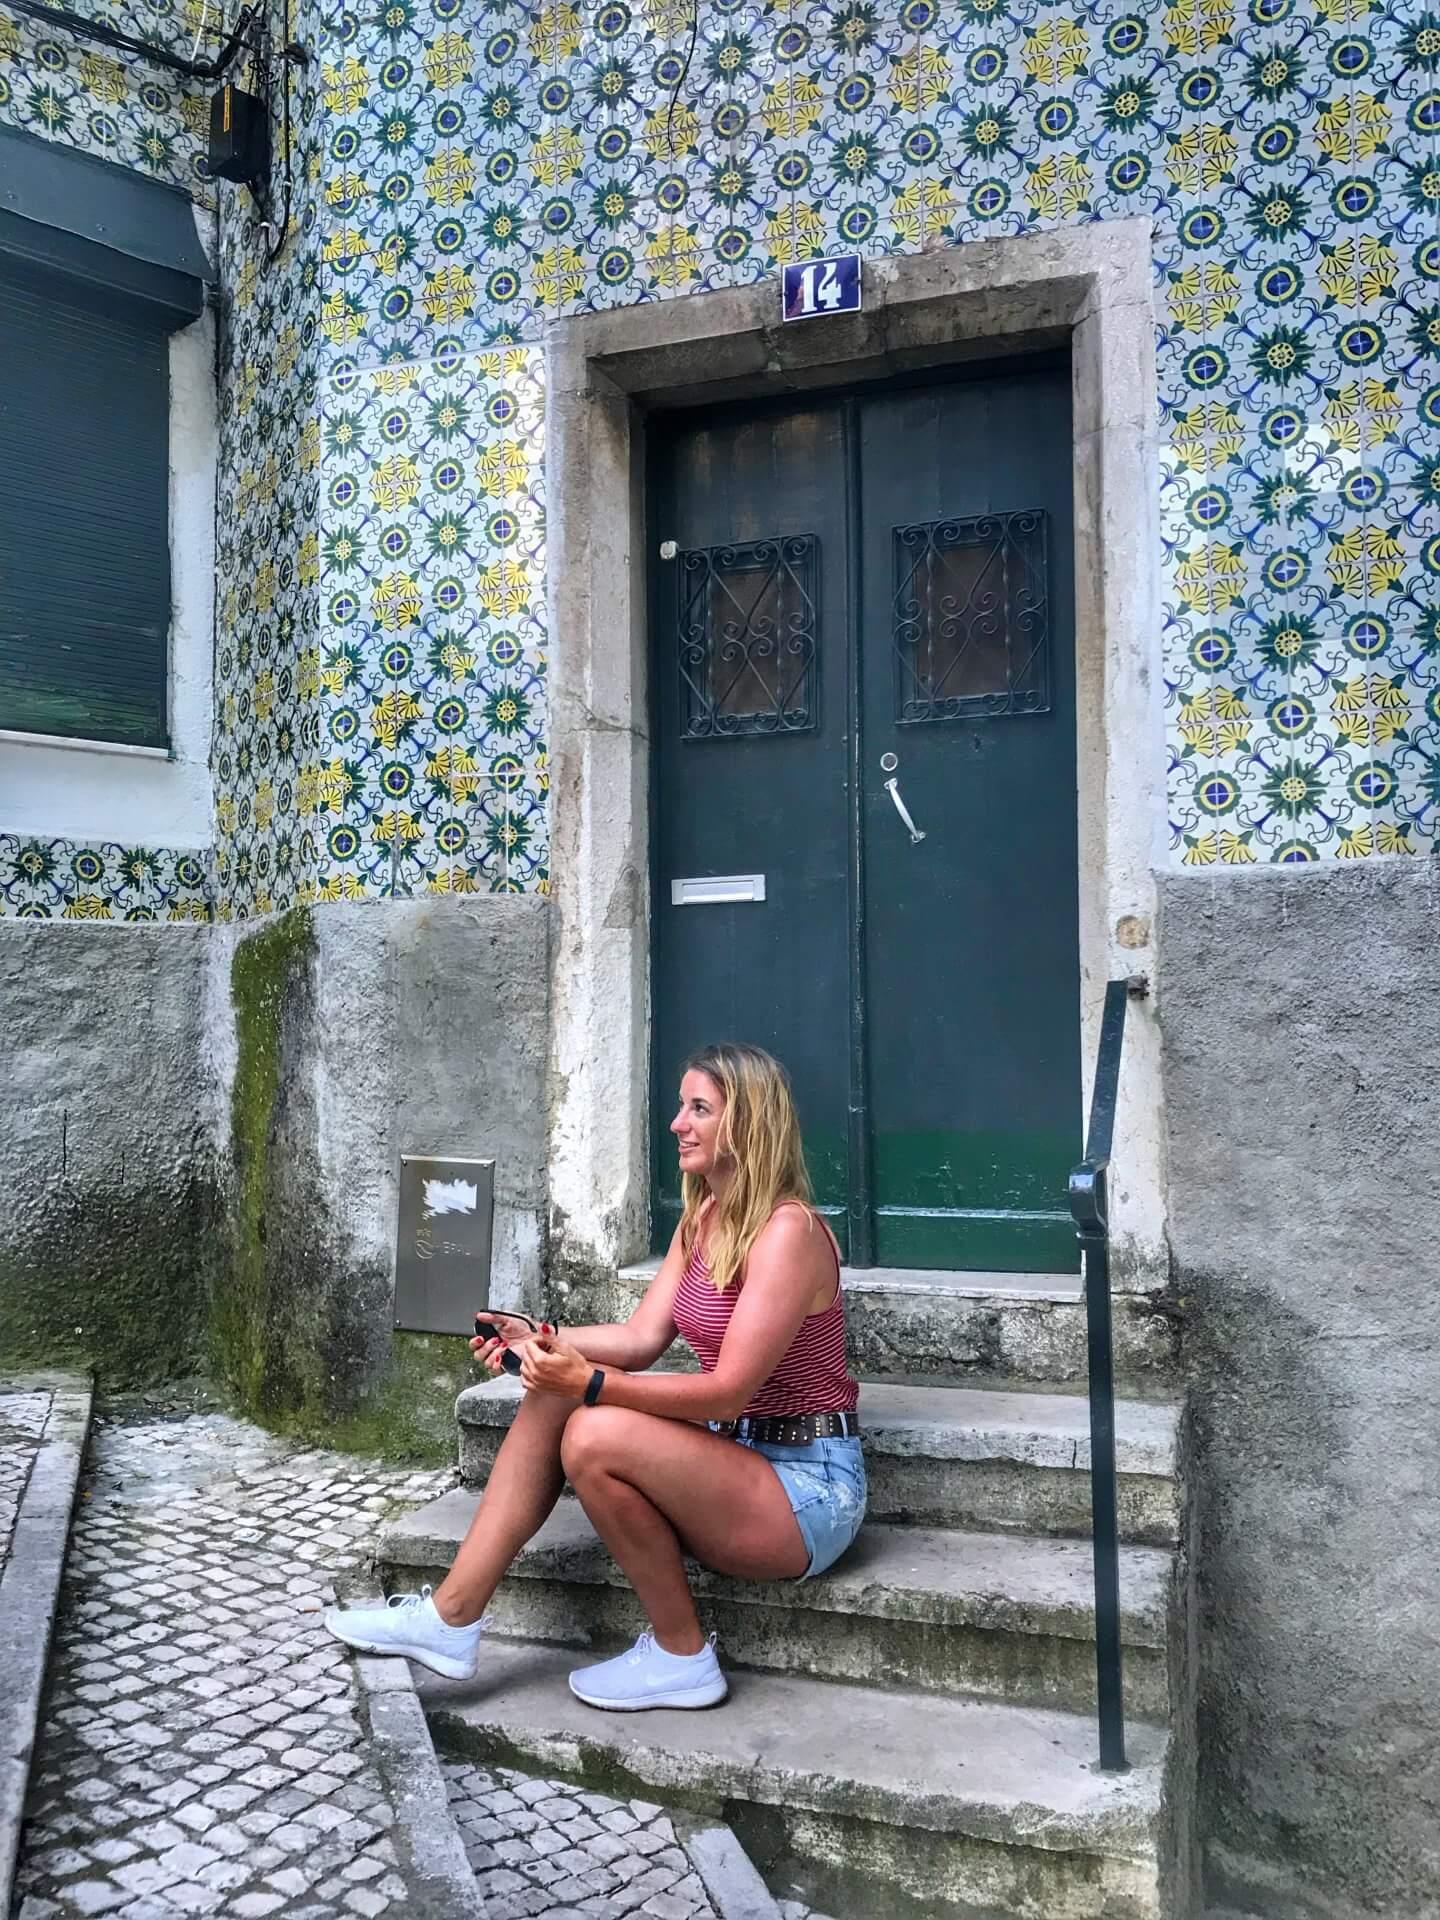 Lissabon Tipps: Meine Highlights, die ihr nicht verpassen solltet